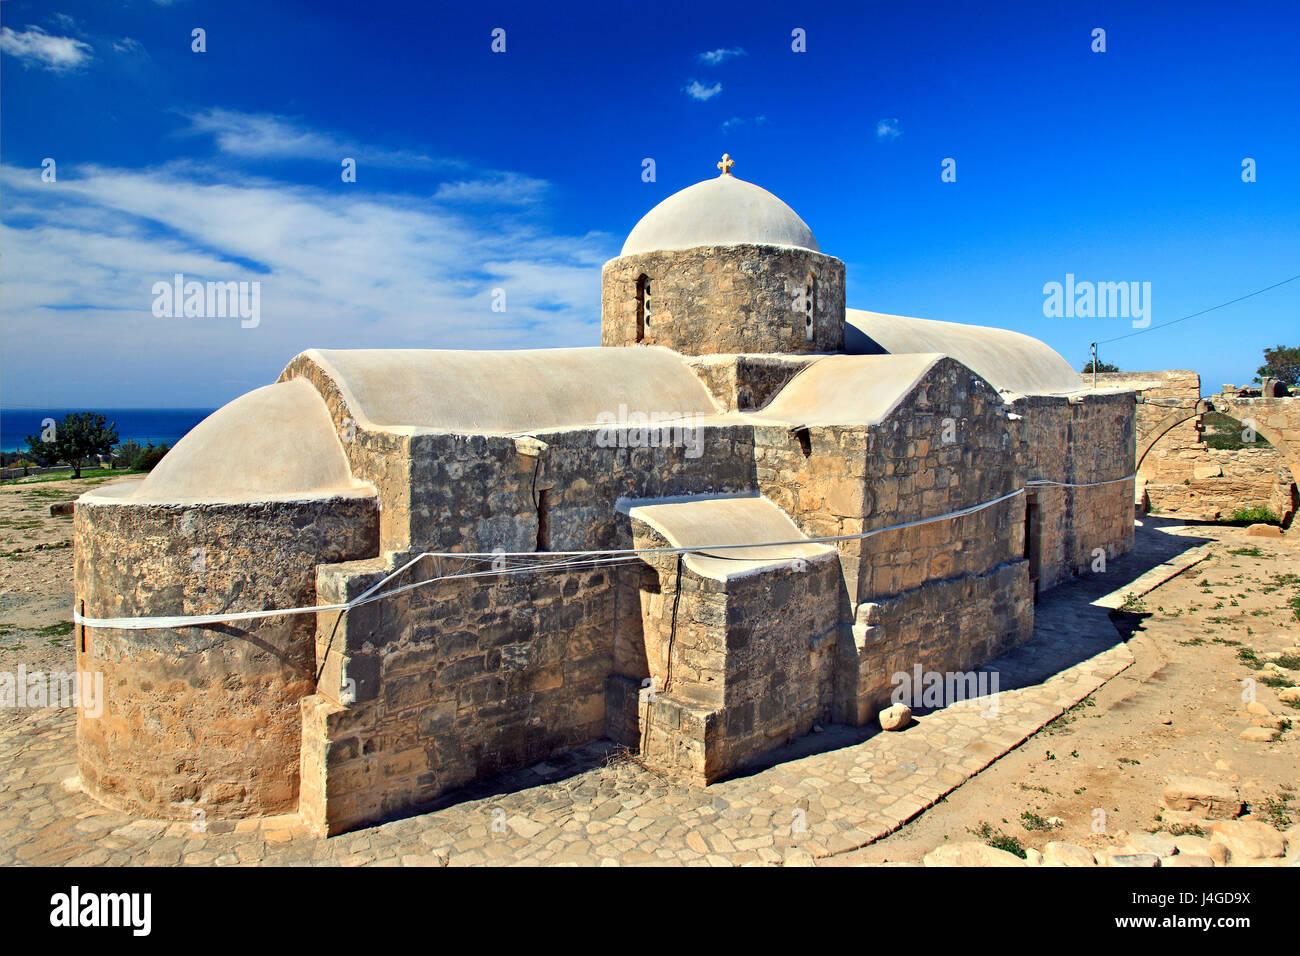 La iglesia bizantina de Panagia katholiki junto al sitio arqueológico de palaipaphos, en kouklia Village, distrito de Paphos, la isla de Chipre. Foto de stock